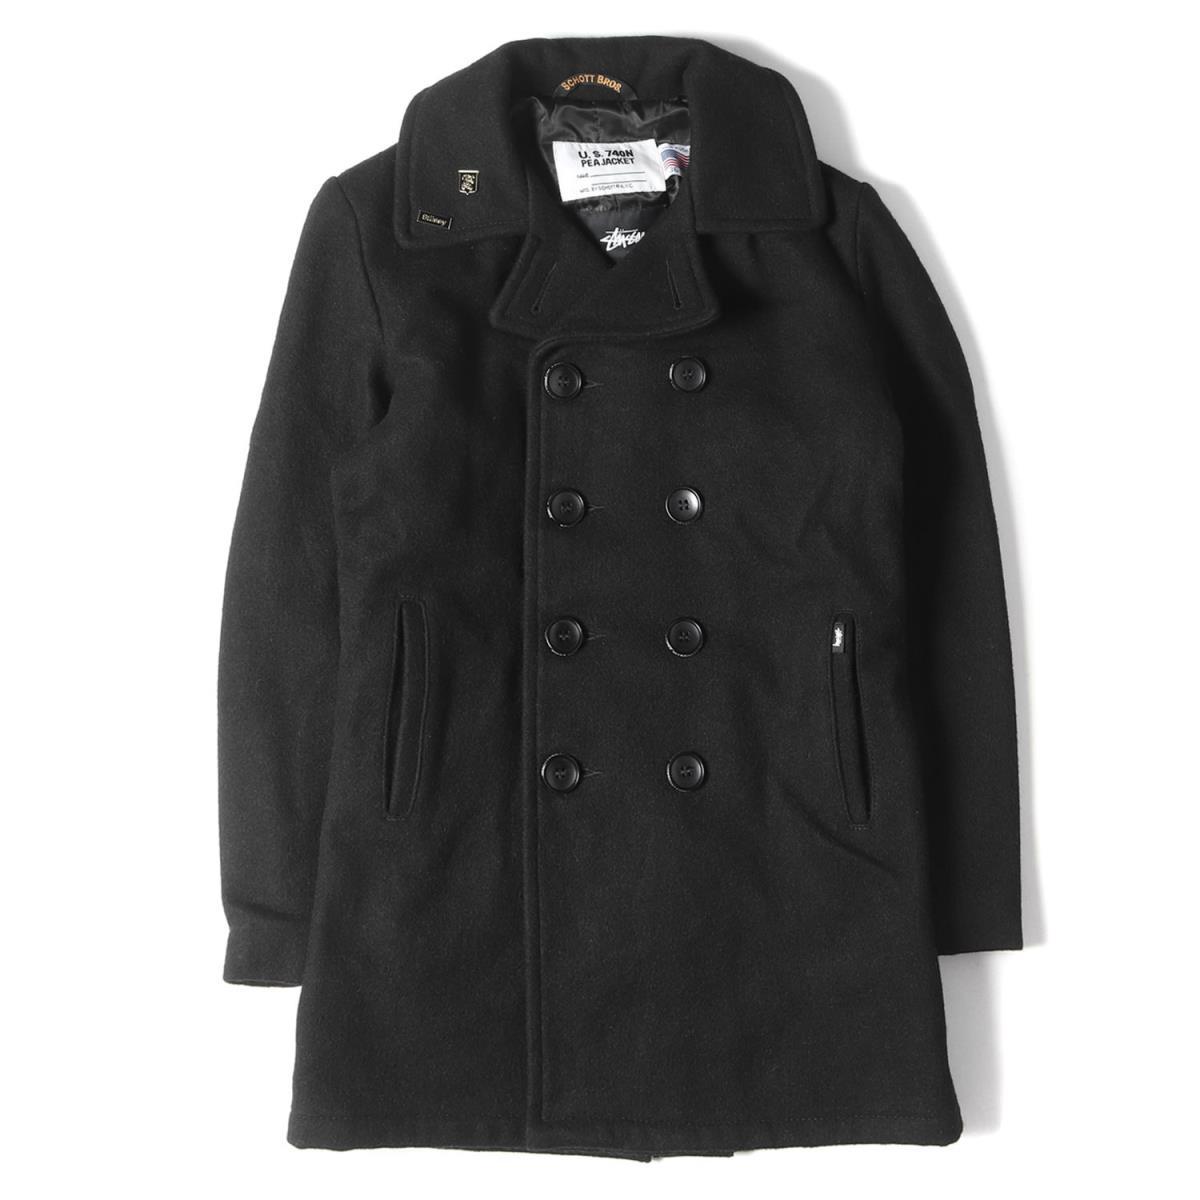 ステューシー ショット Pコート  STUSSY ステューシー コート Schott メルトン ウール Pコート ブラック 36(S) 【メンズ】【中古】【K2830】